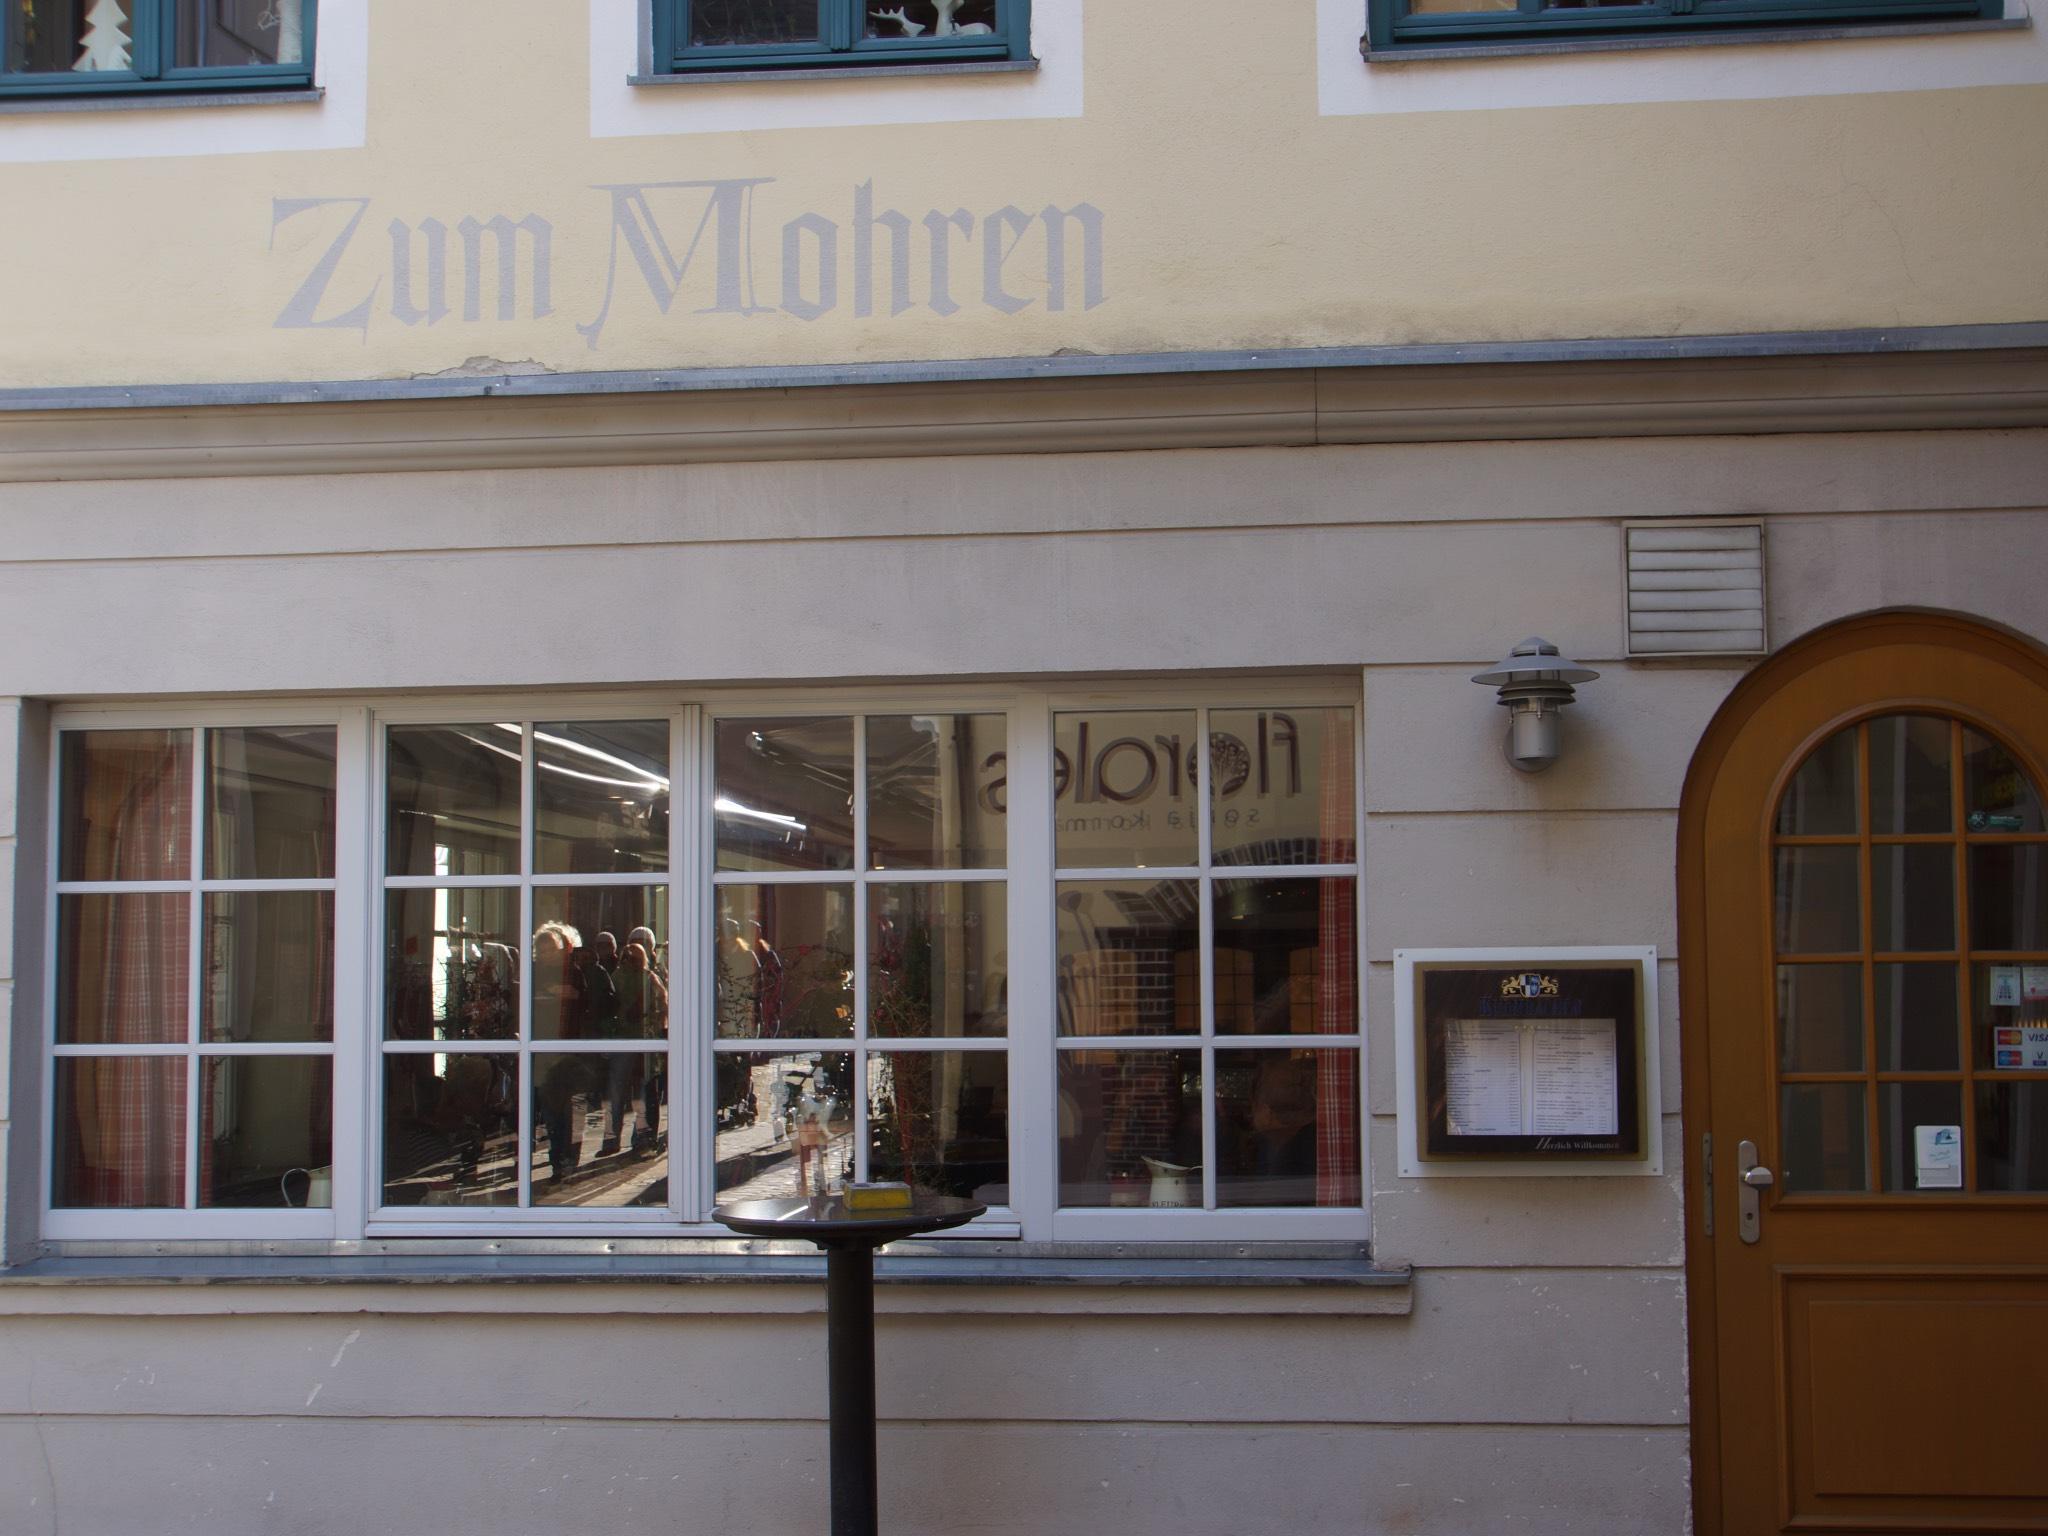 Ist der Name des Gaststätte noch zeitgemäß? Foto: Barbara Duna.